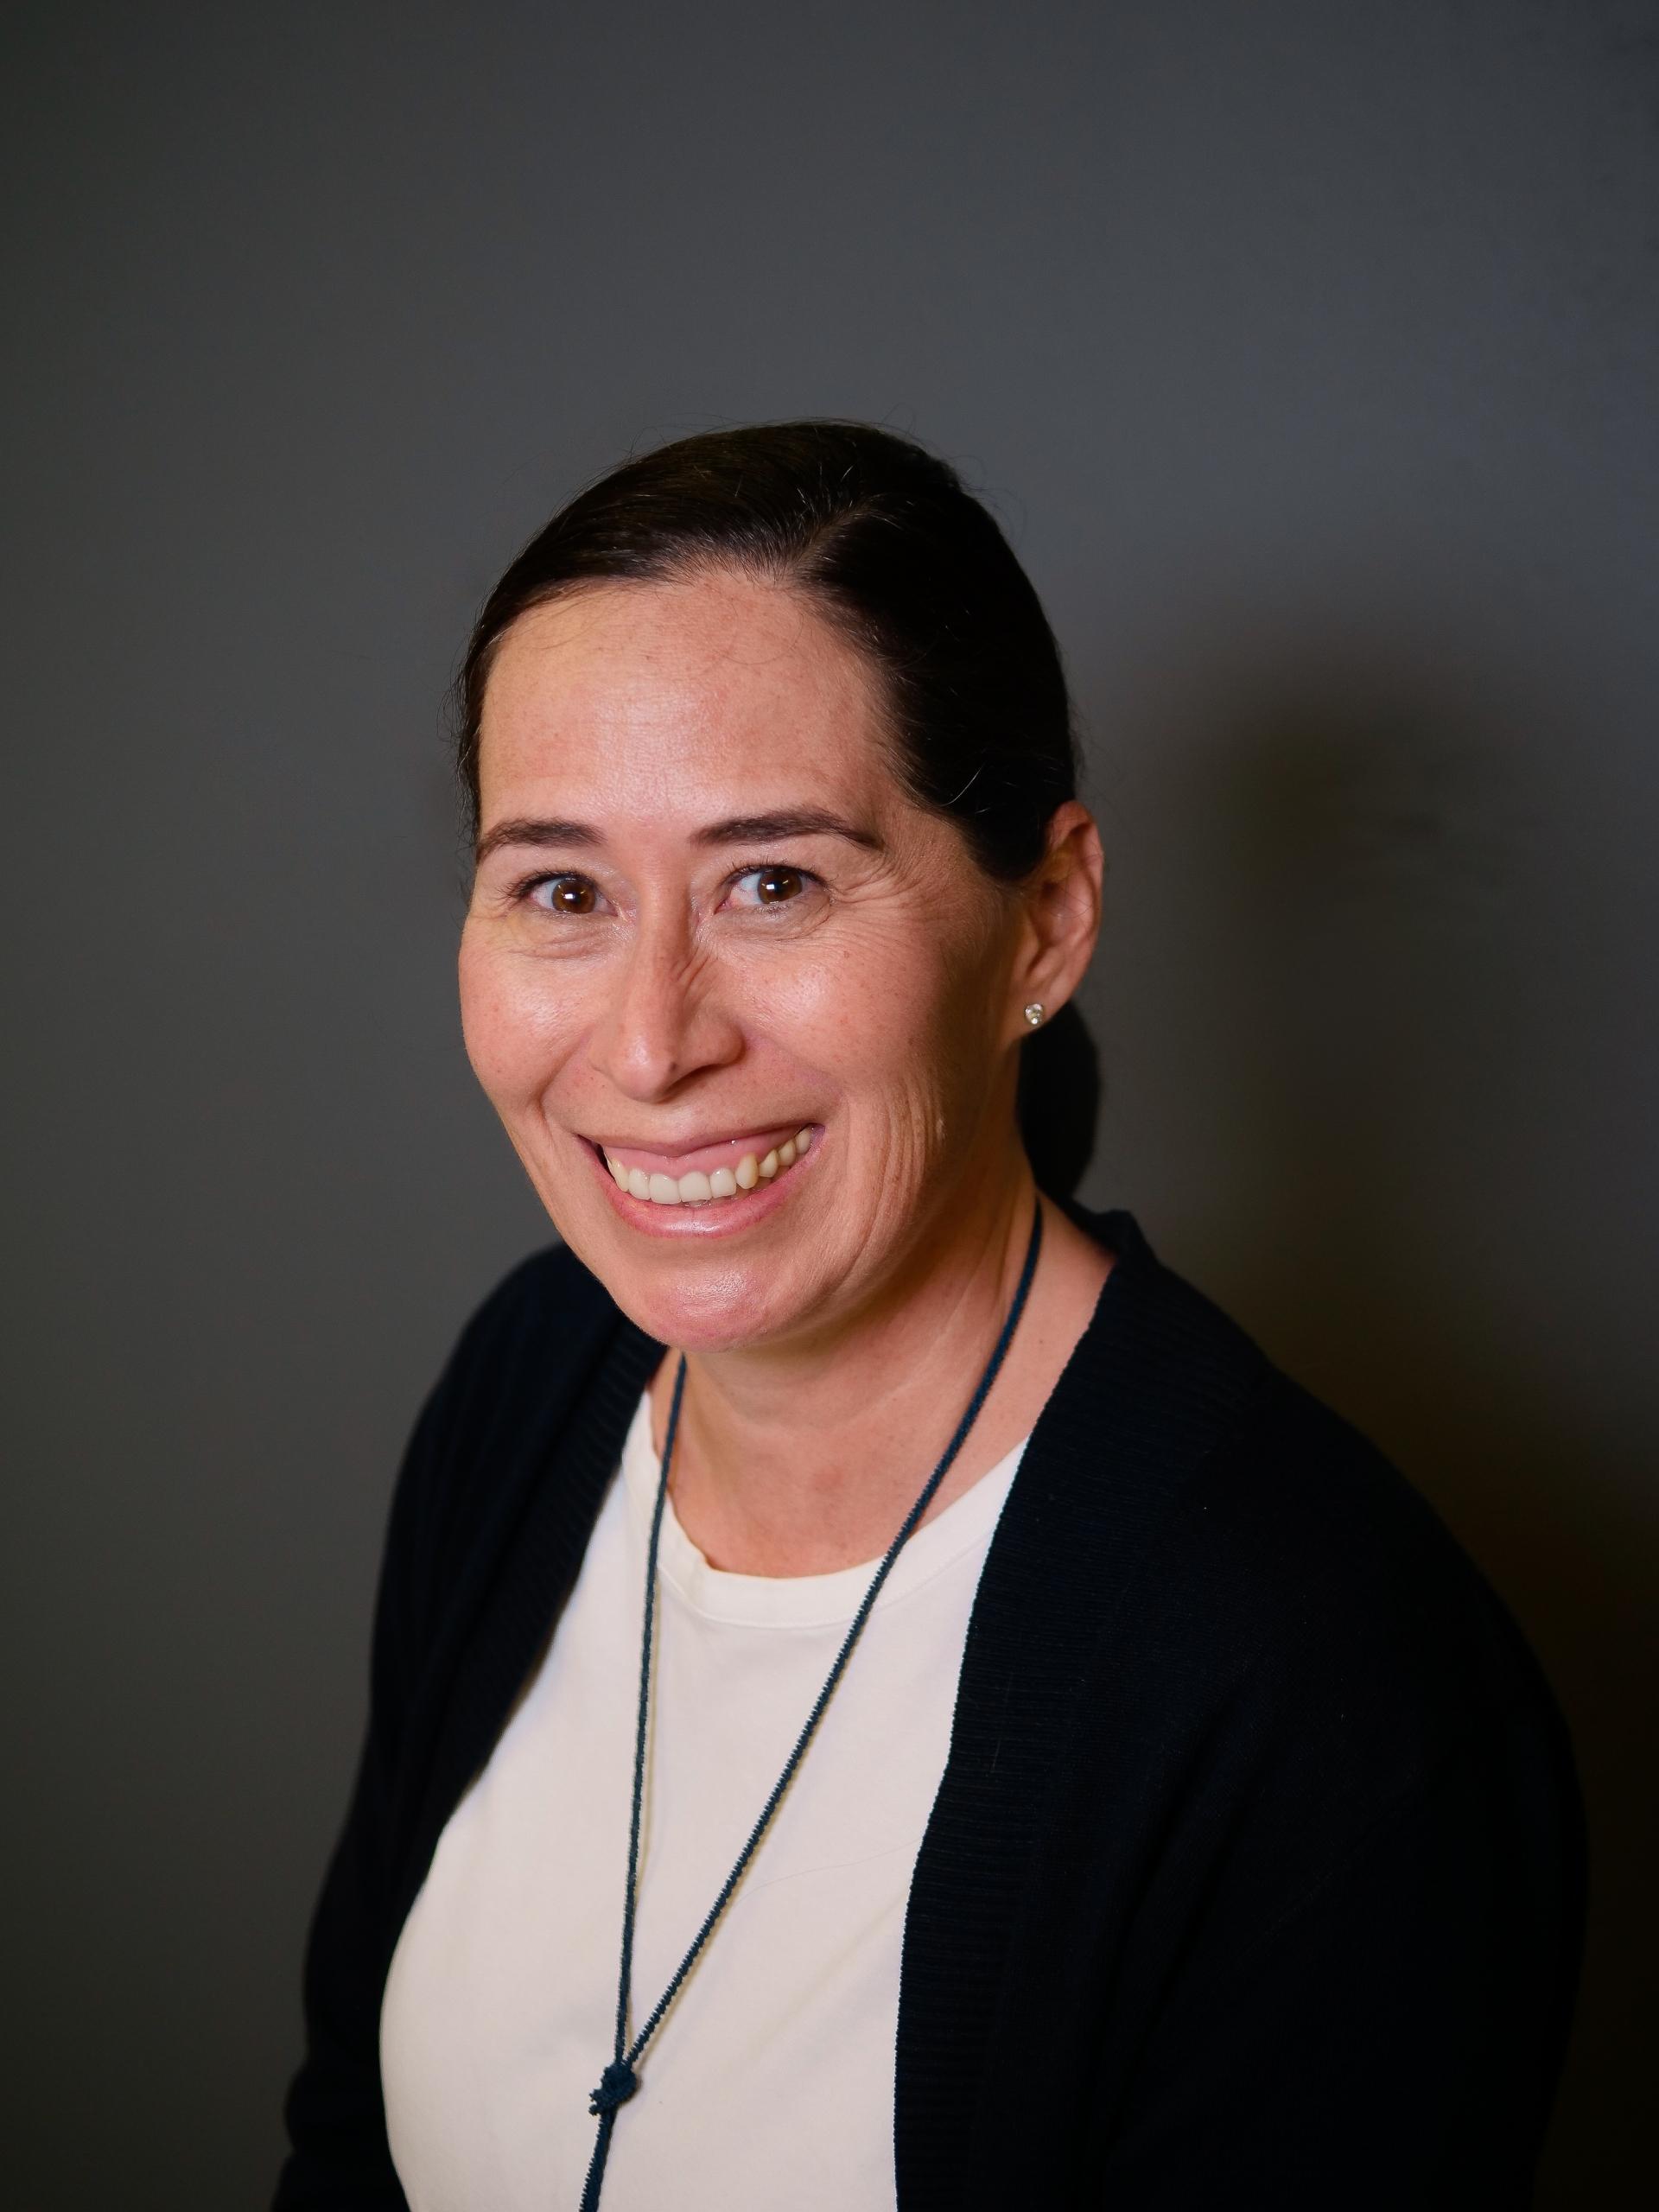 Lourdes Ariceaga